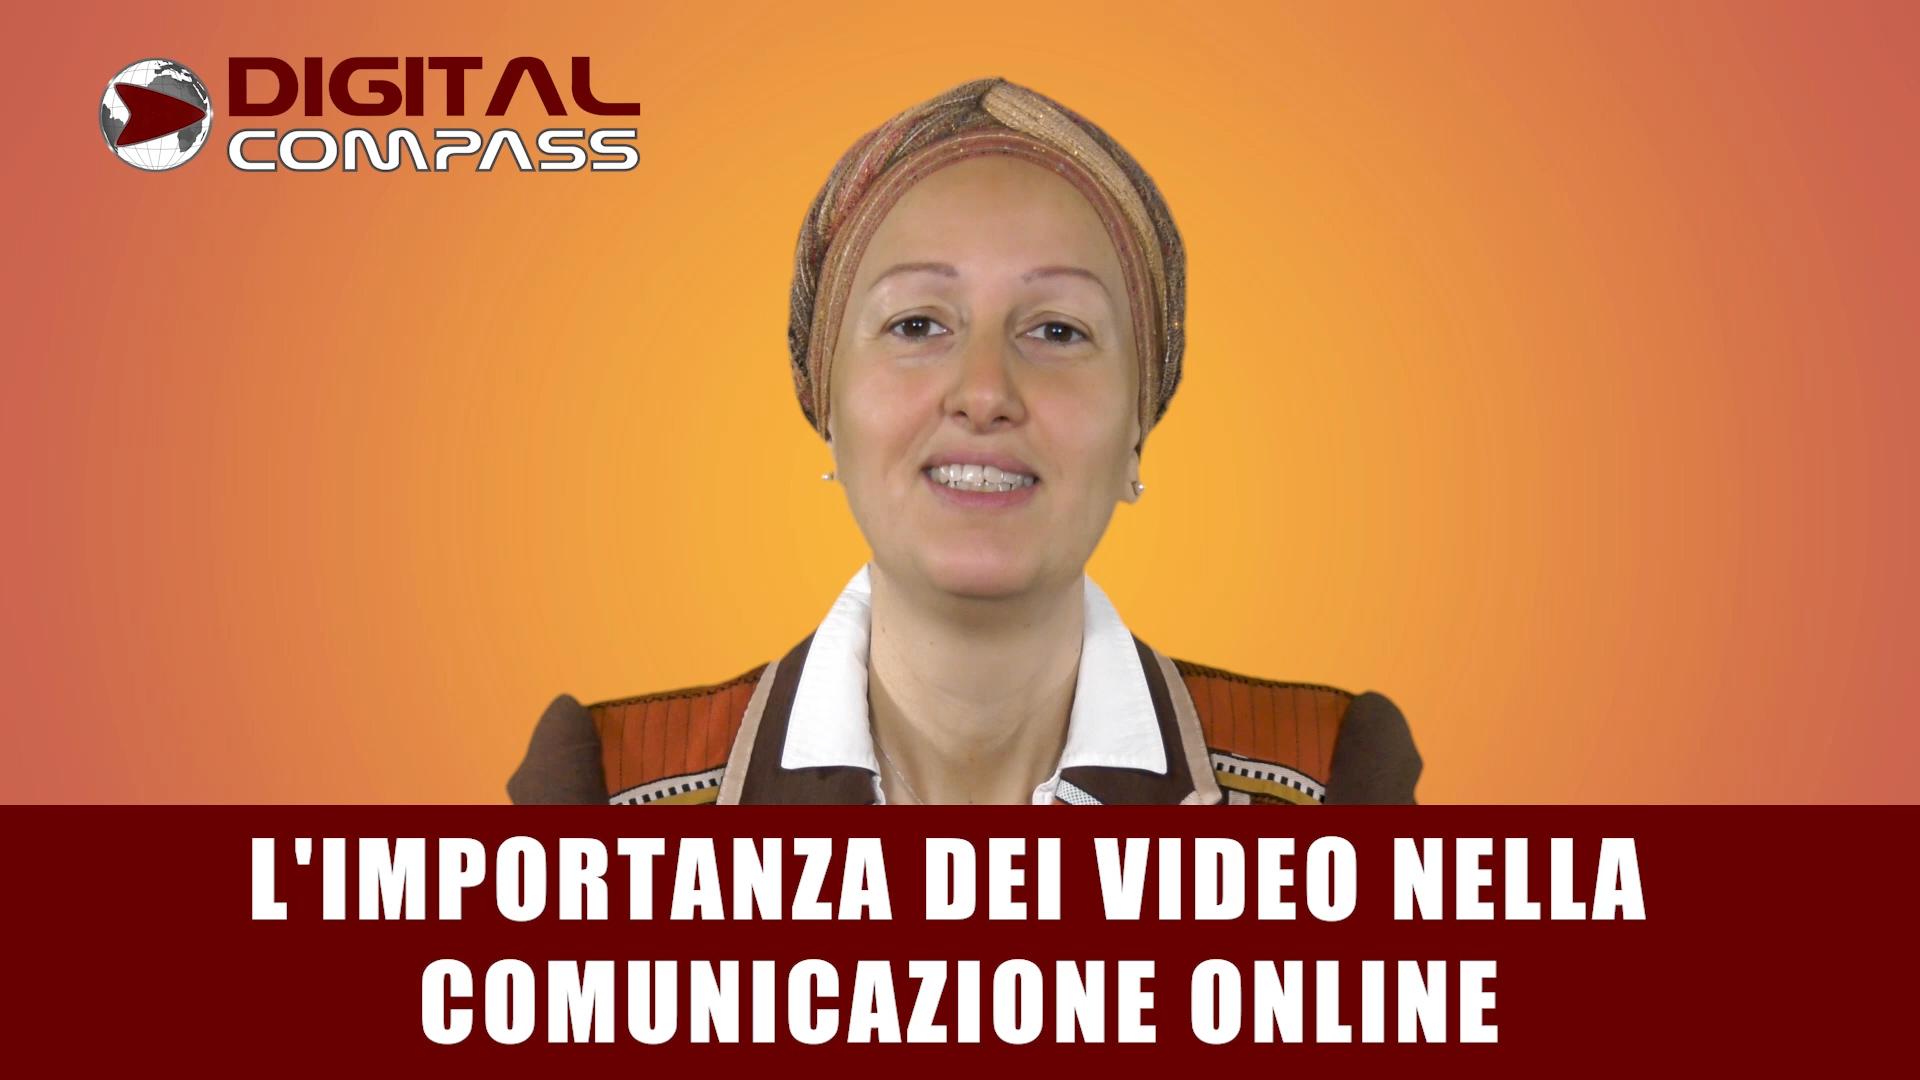 importanza video digital compass Orsola Nizzero